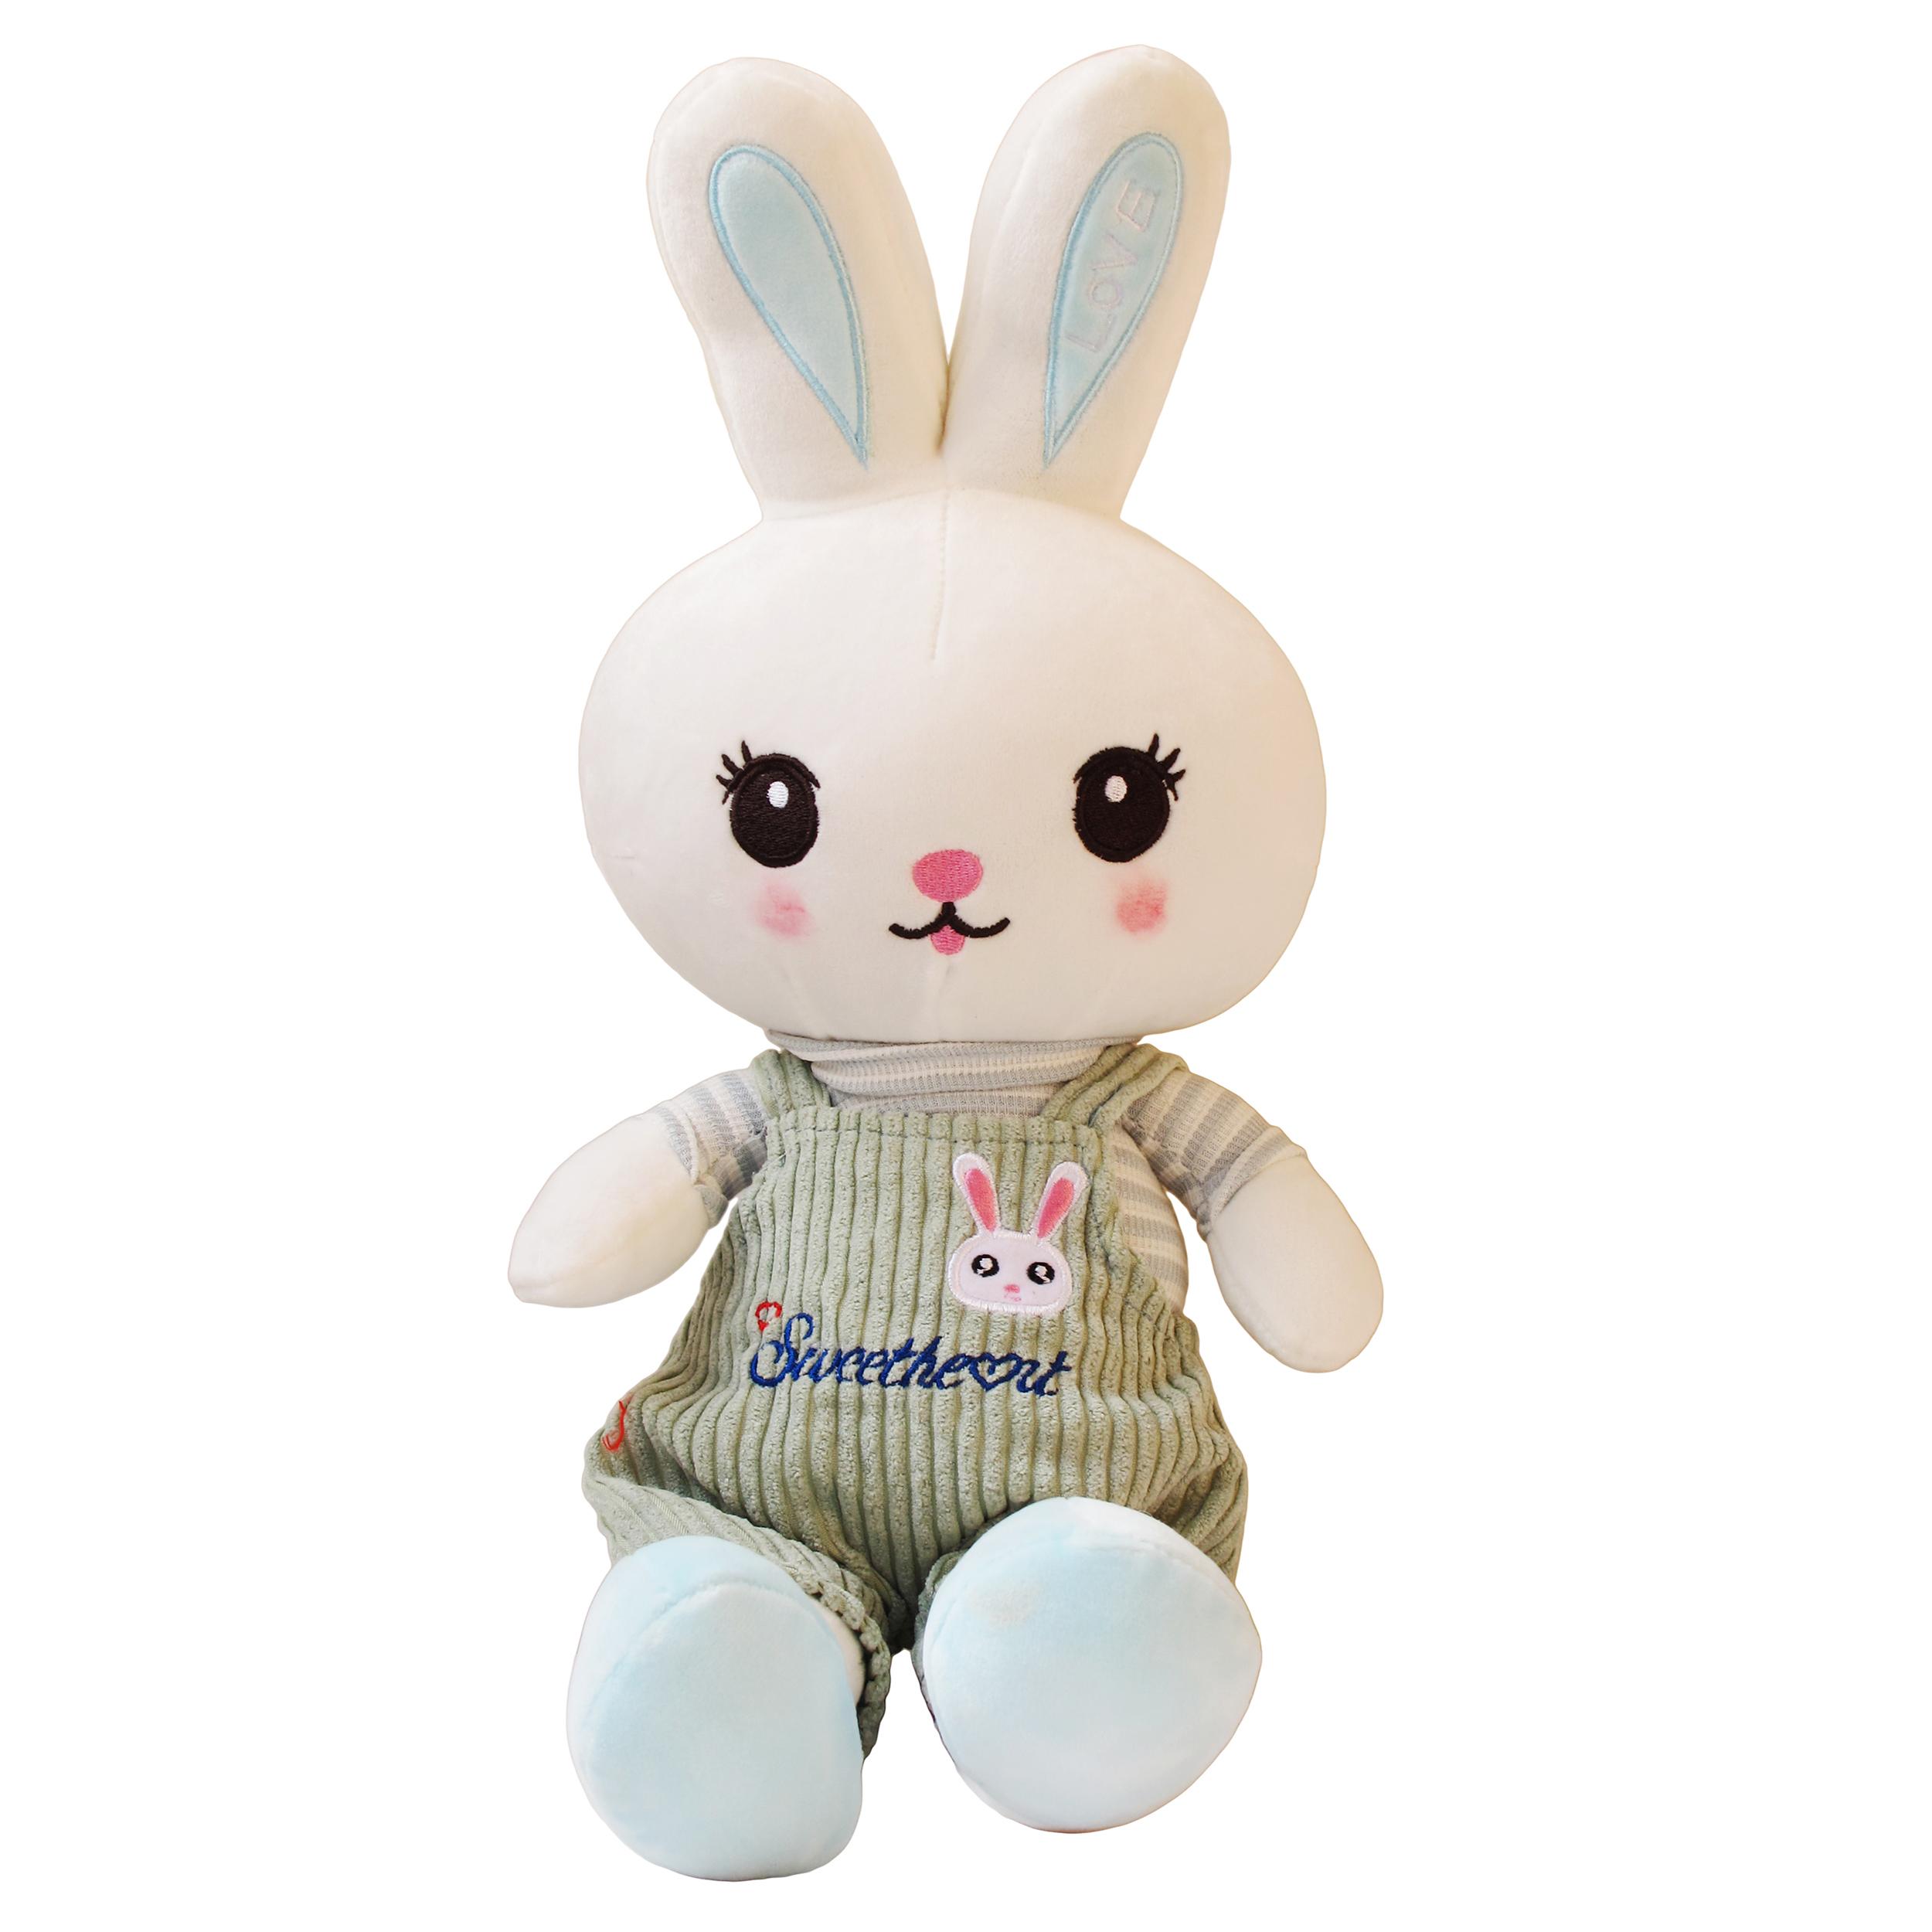 عروسک طرح خرگوش مدل گوش لاو pa009 ارتفاع 58 سانتی متر